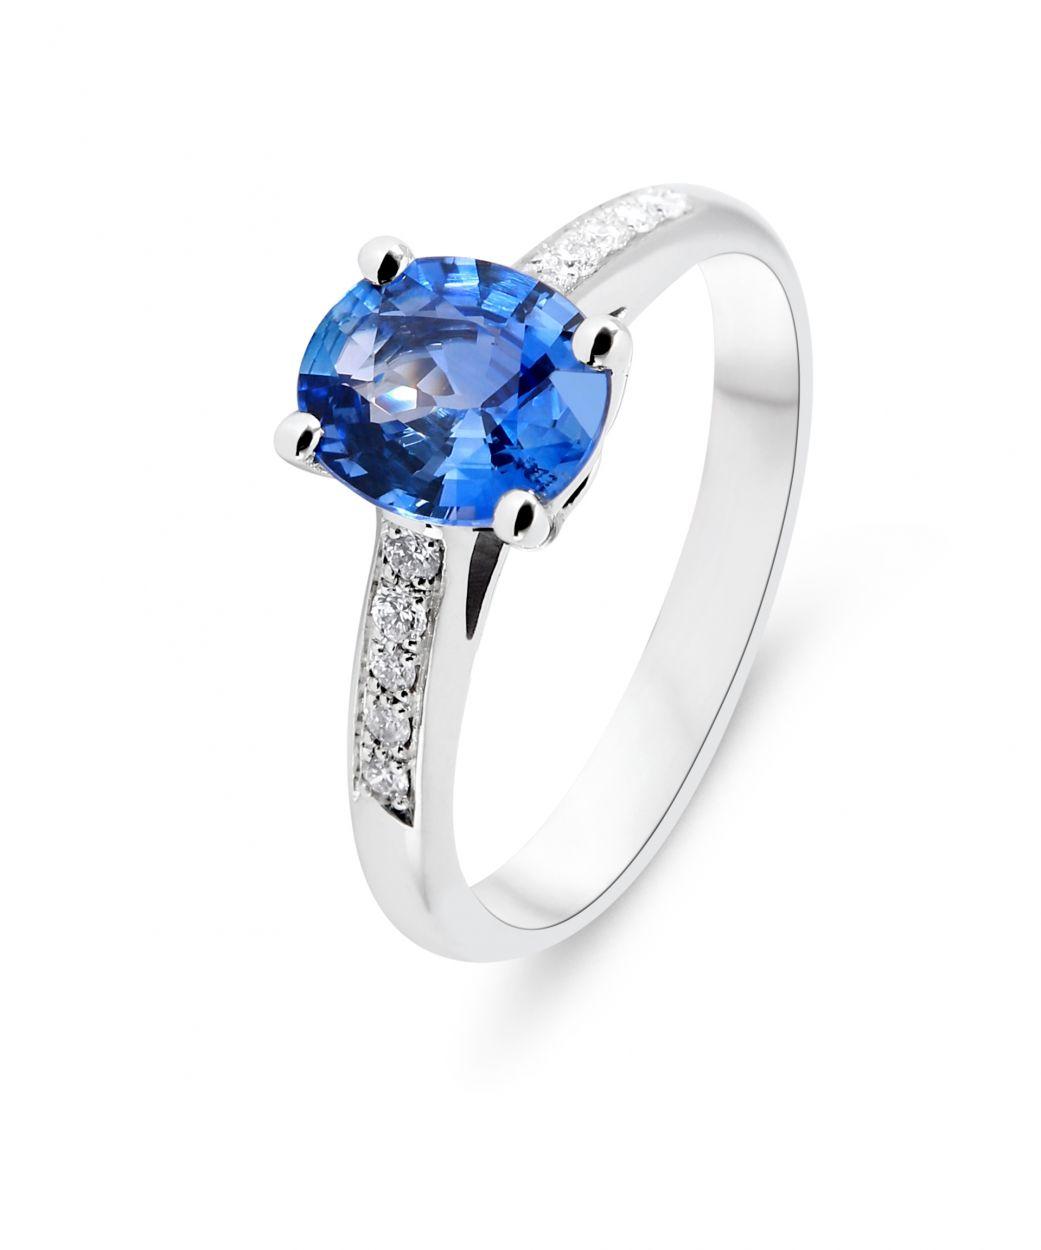 Bien-aimé Bague Or Blanc 750 Saphir Ceylan Ovale 8x6mm et Diamant Ref. 43629 DX15